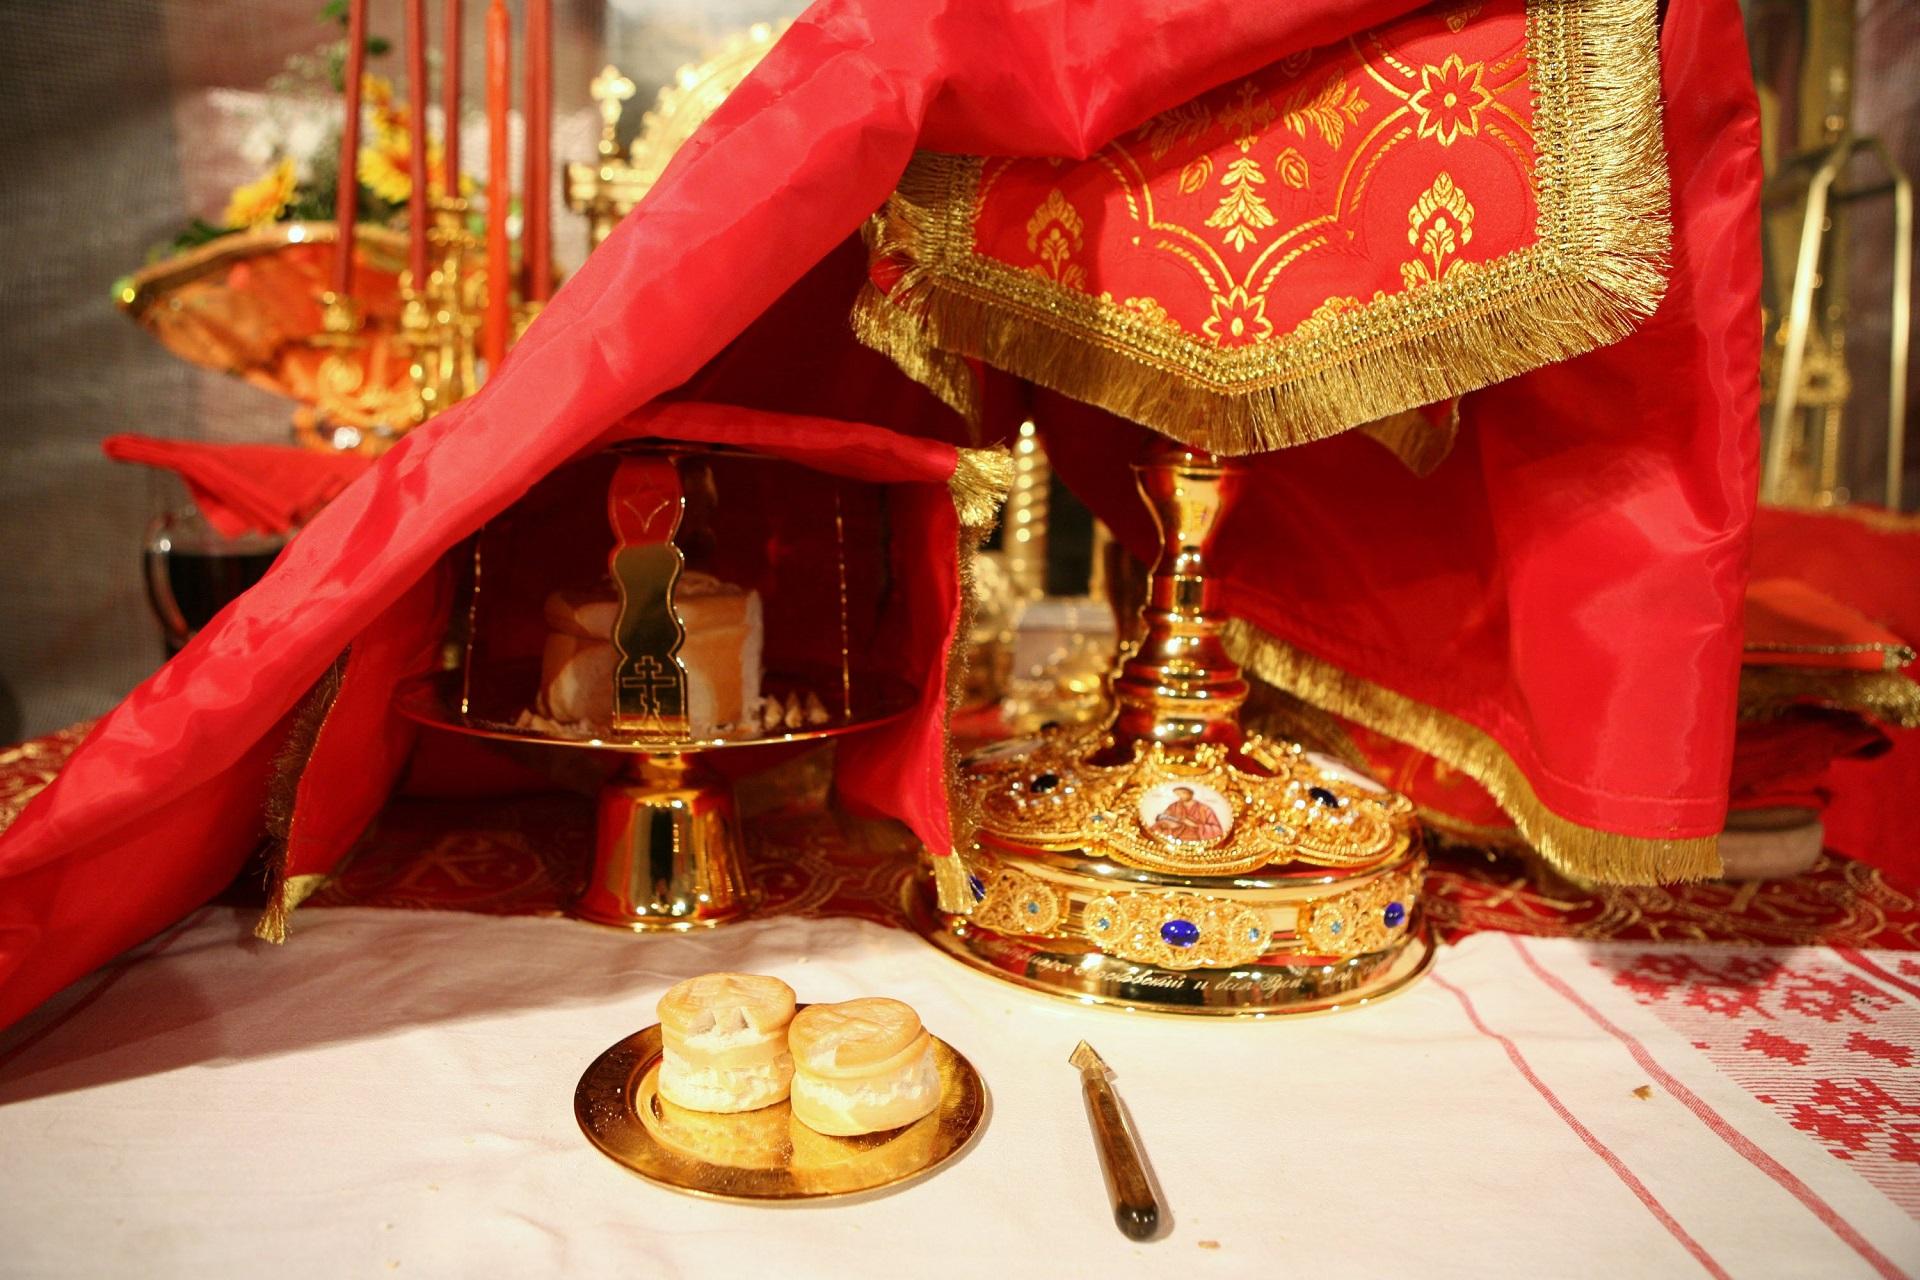 Что такое проскомидия о здравии в православии: значение обряда, подготовка и порядок совершения + как подавать записку